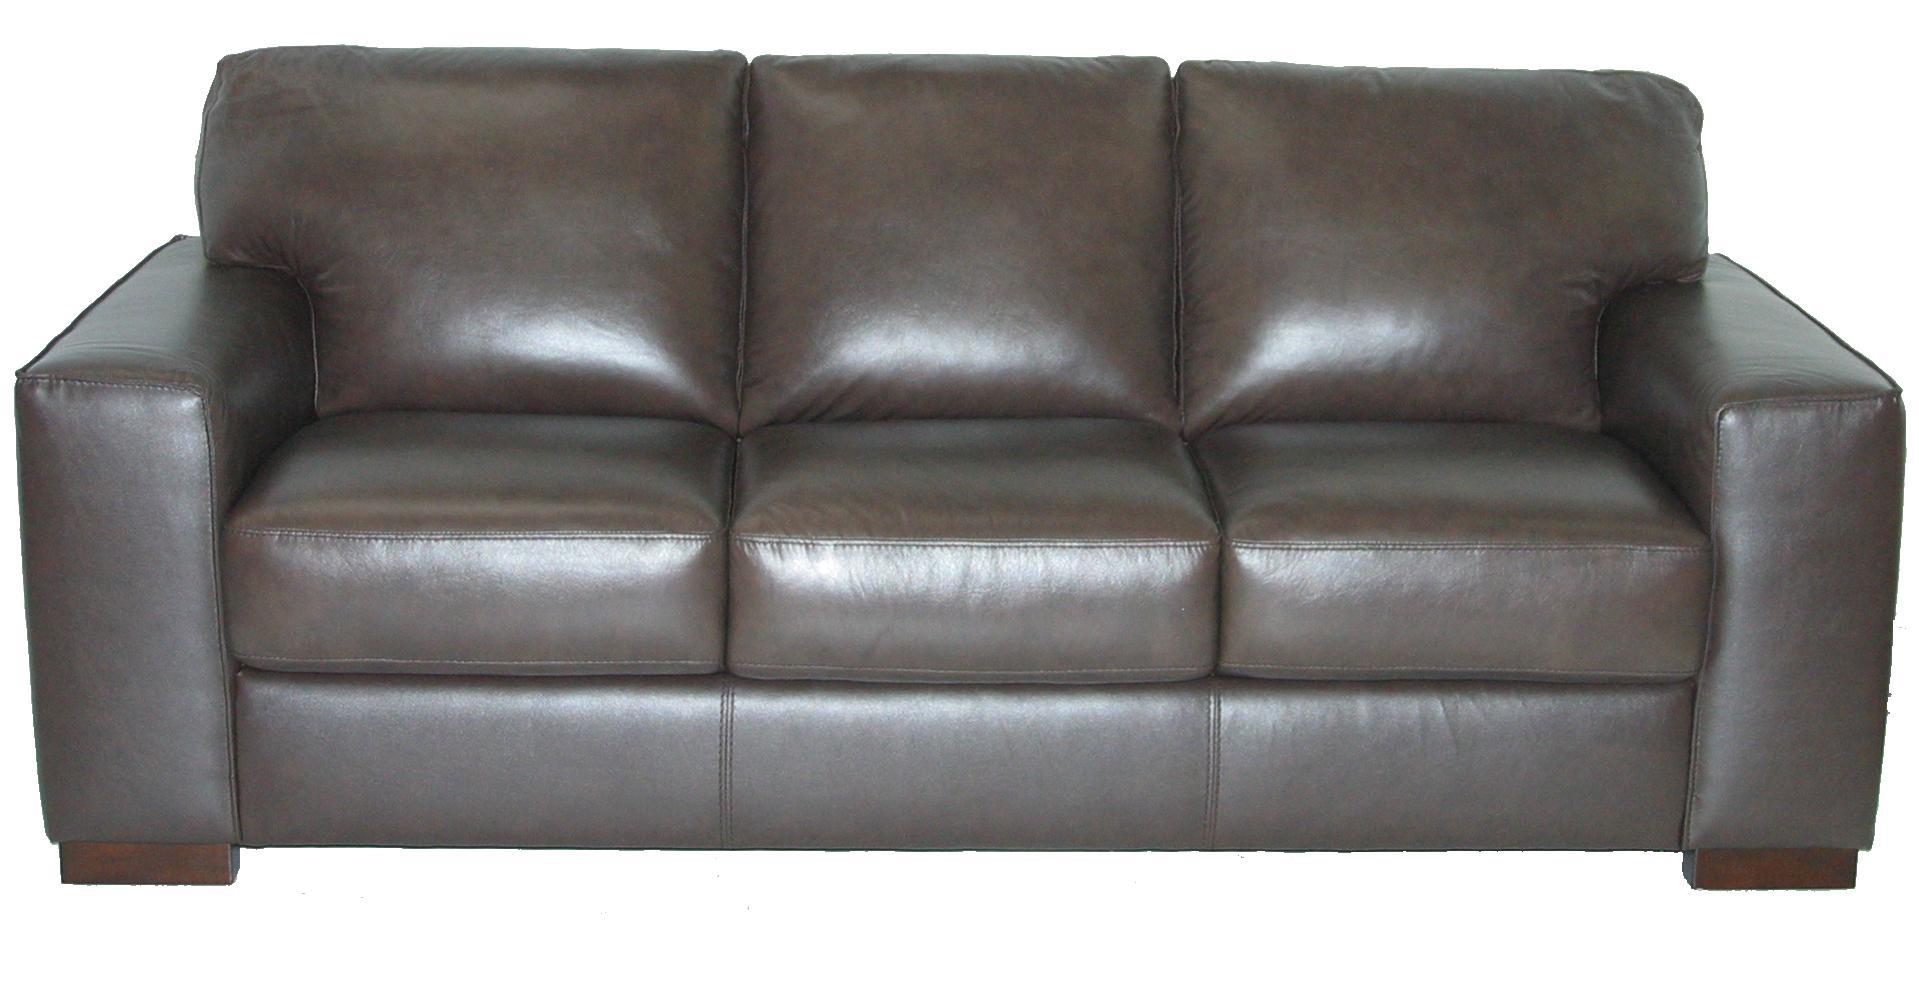 30480 Sofa